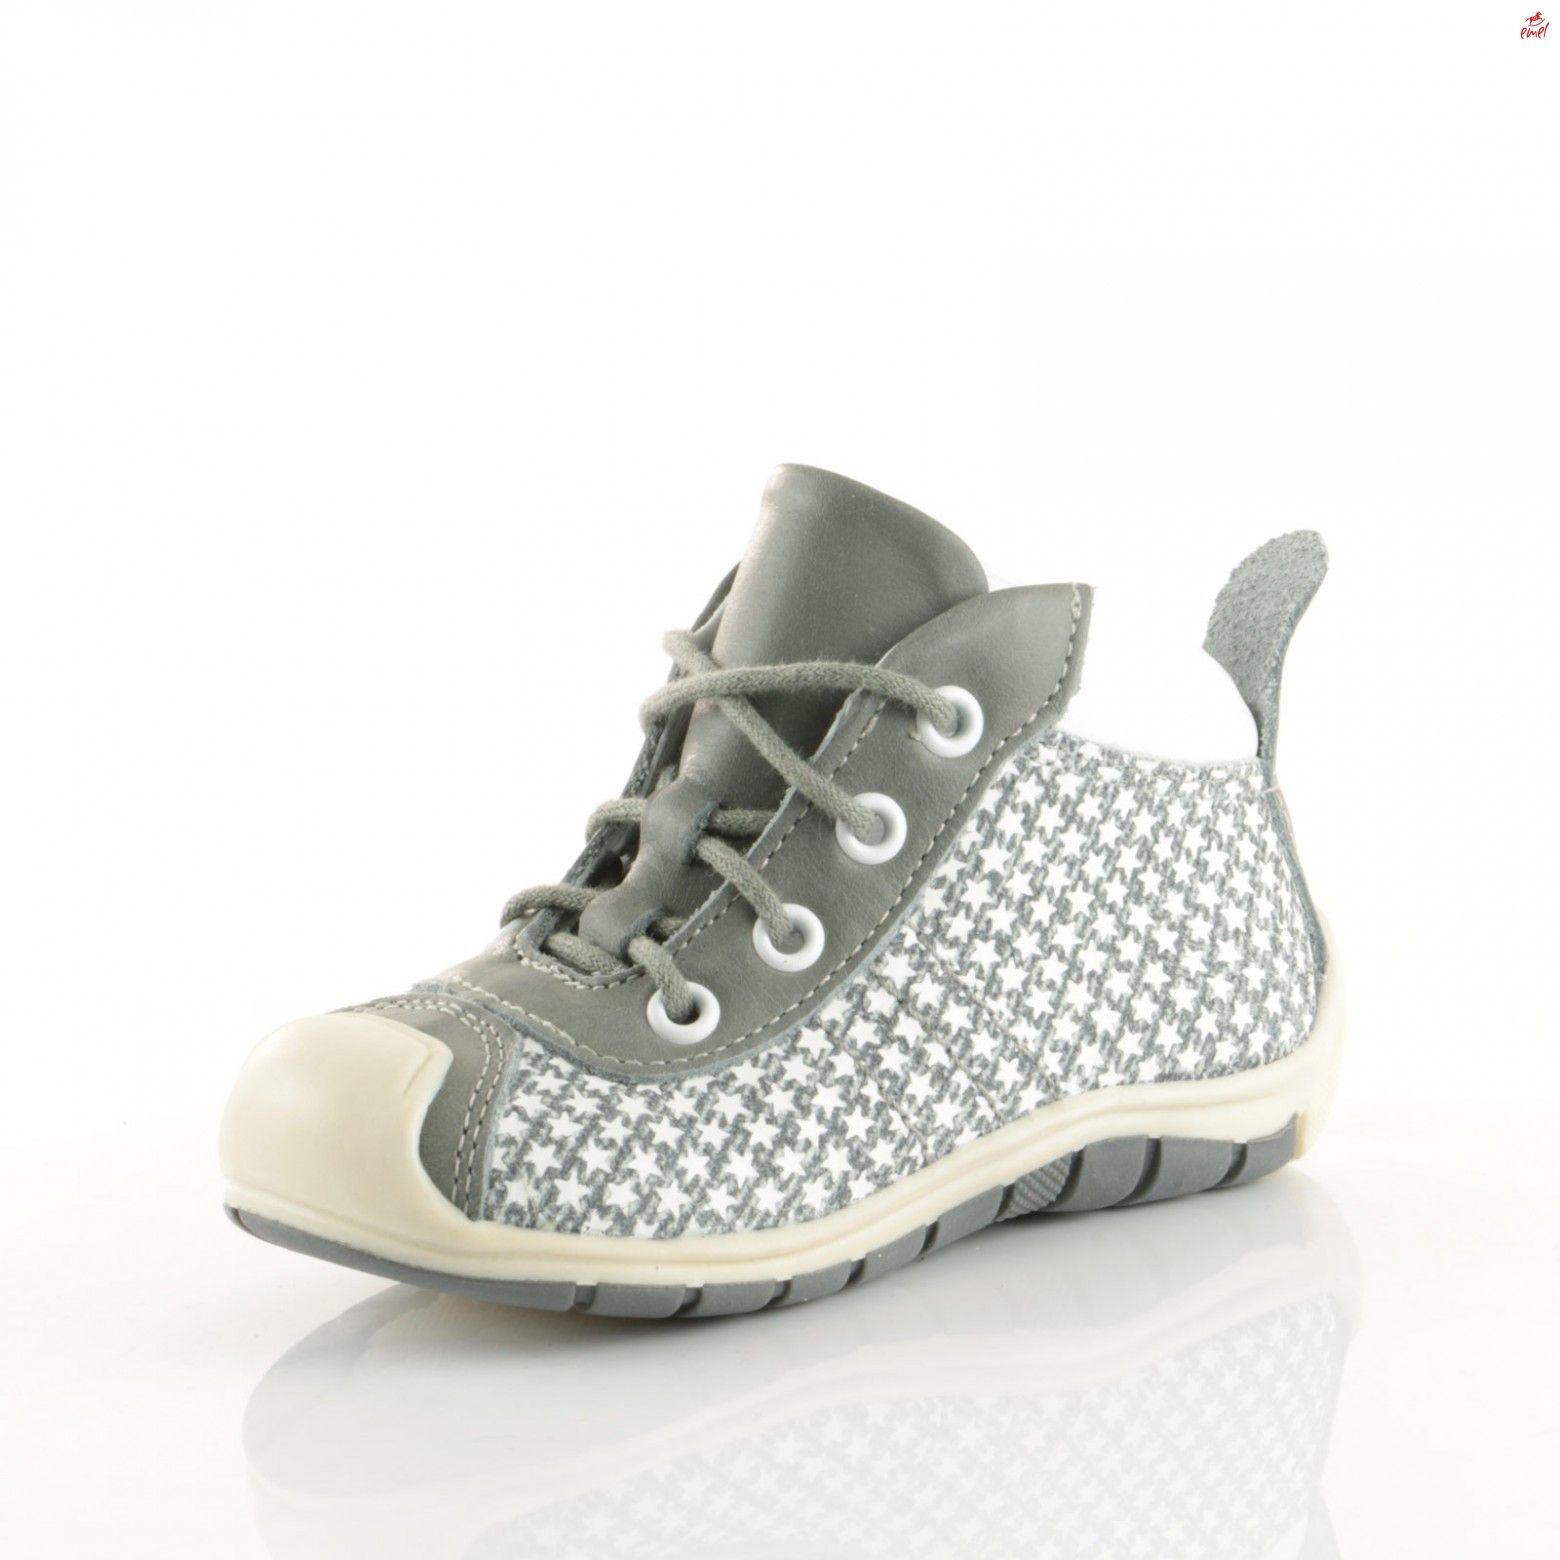 Emel Polski Producent Obuwia Dla Dzieci Baby Shoes Sneakers Shoes